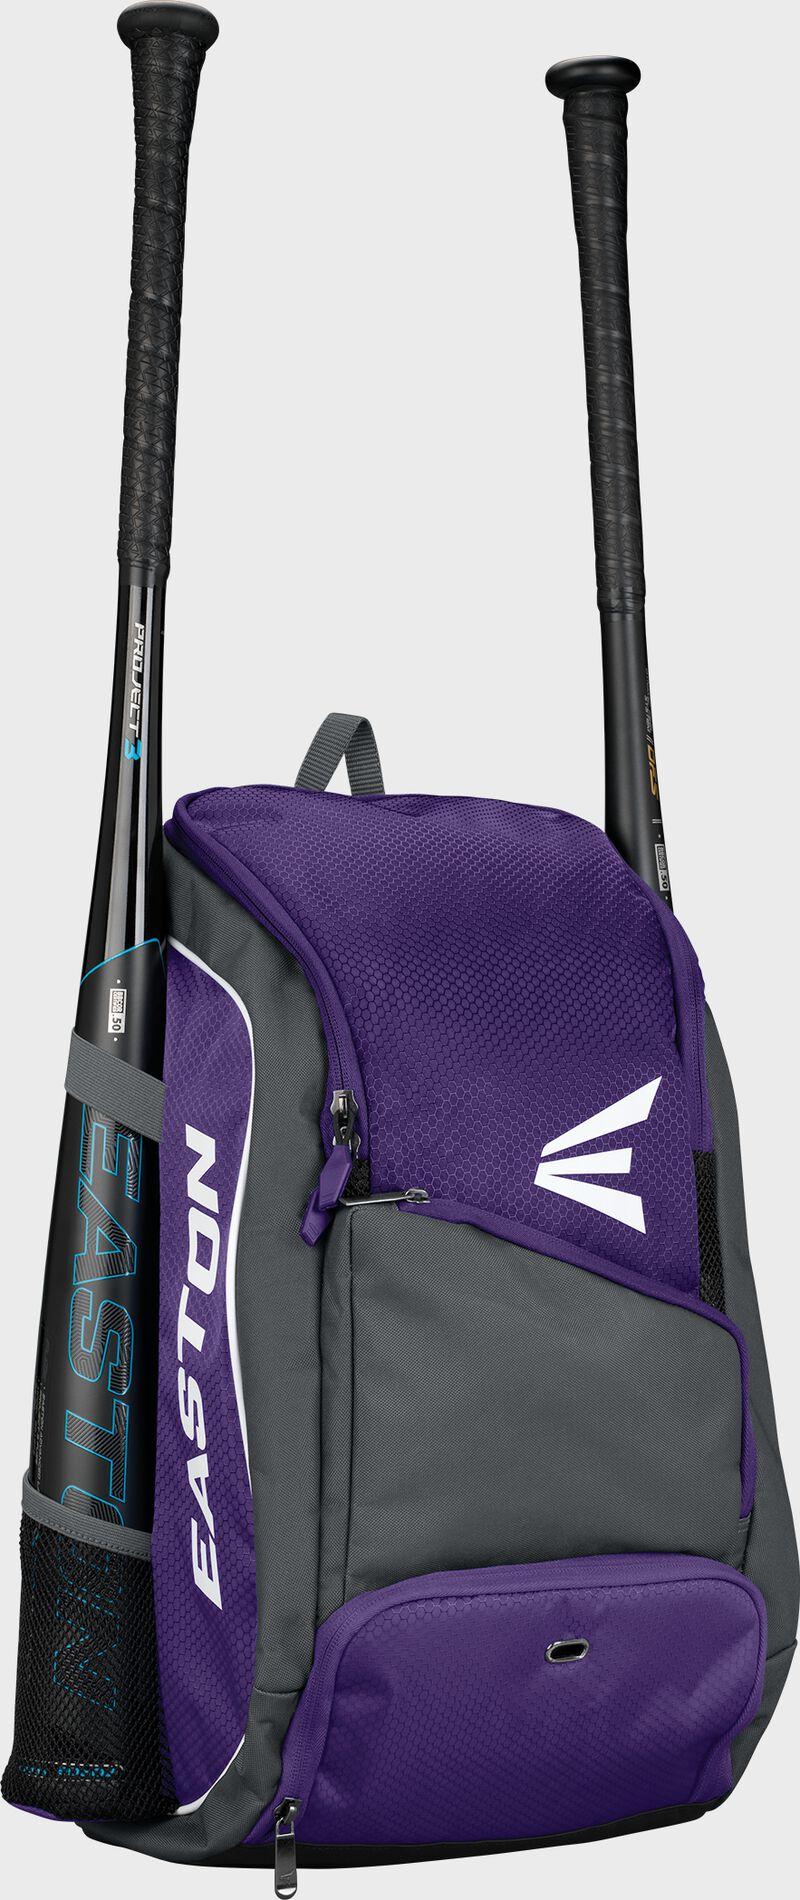 Game Ready Backpack | PU